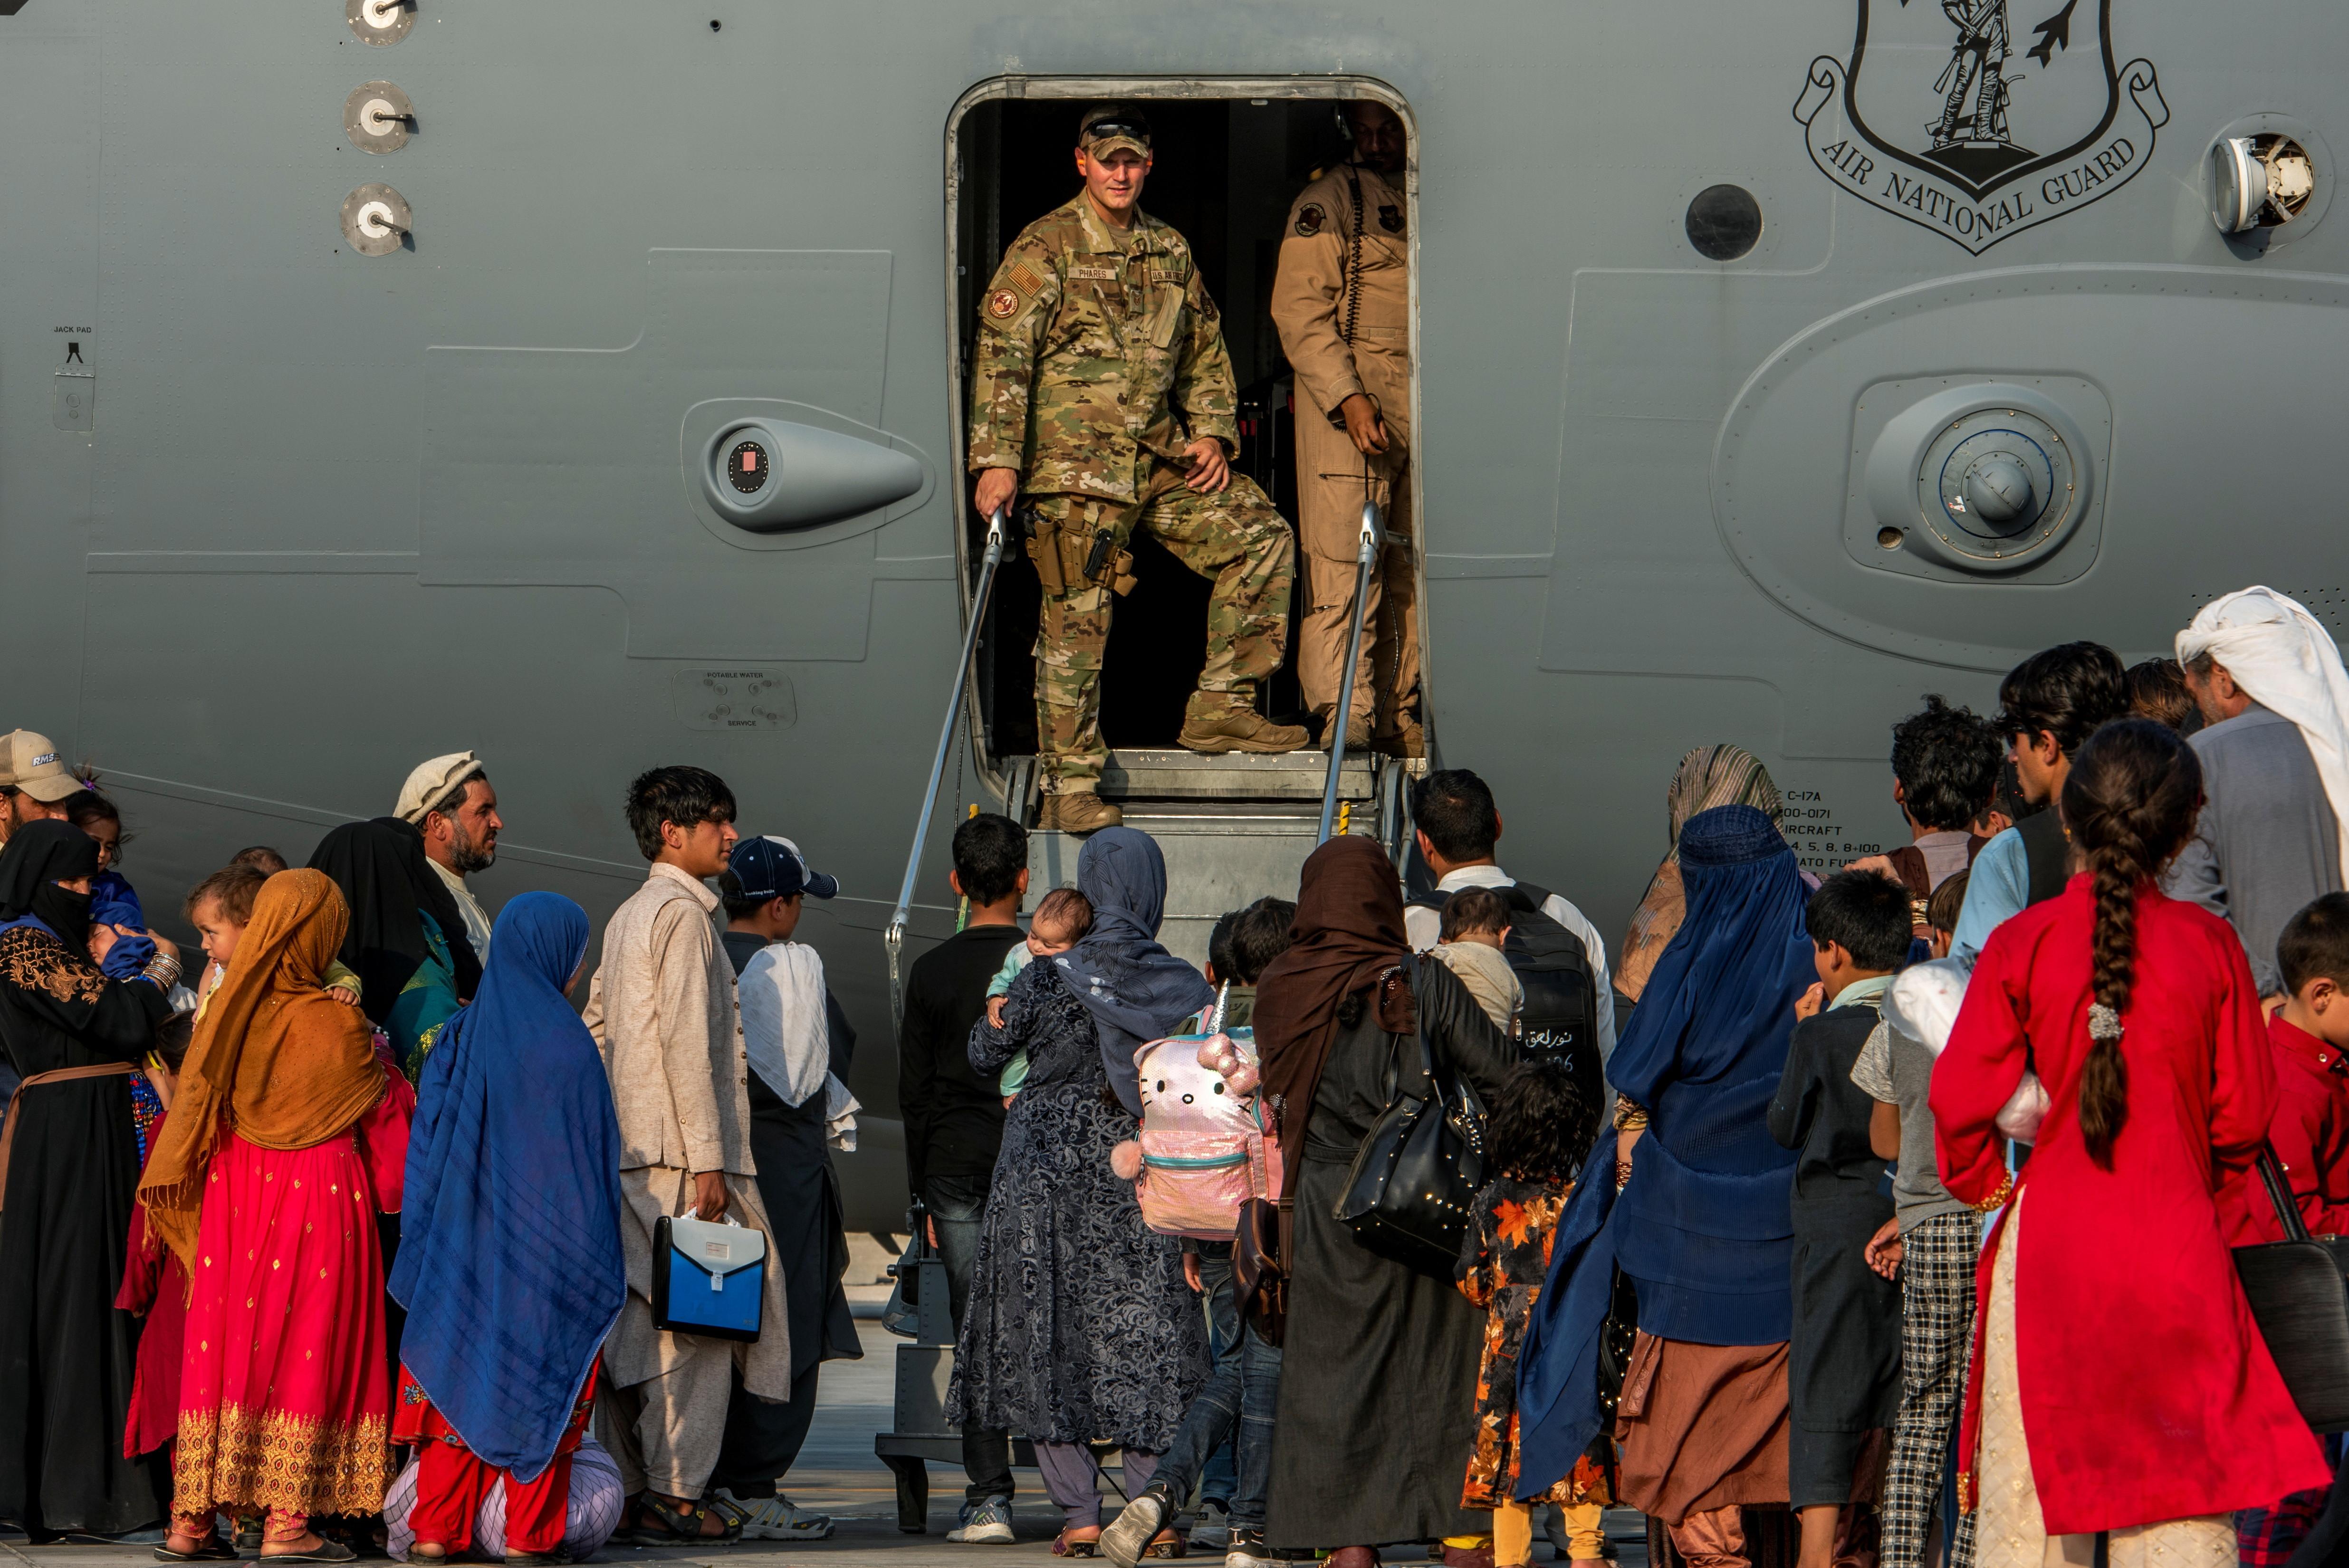 阿富汗,拜登,塔利班,撤軍,印太戰略,蘇利文,國際政治